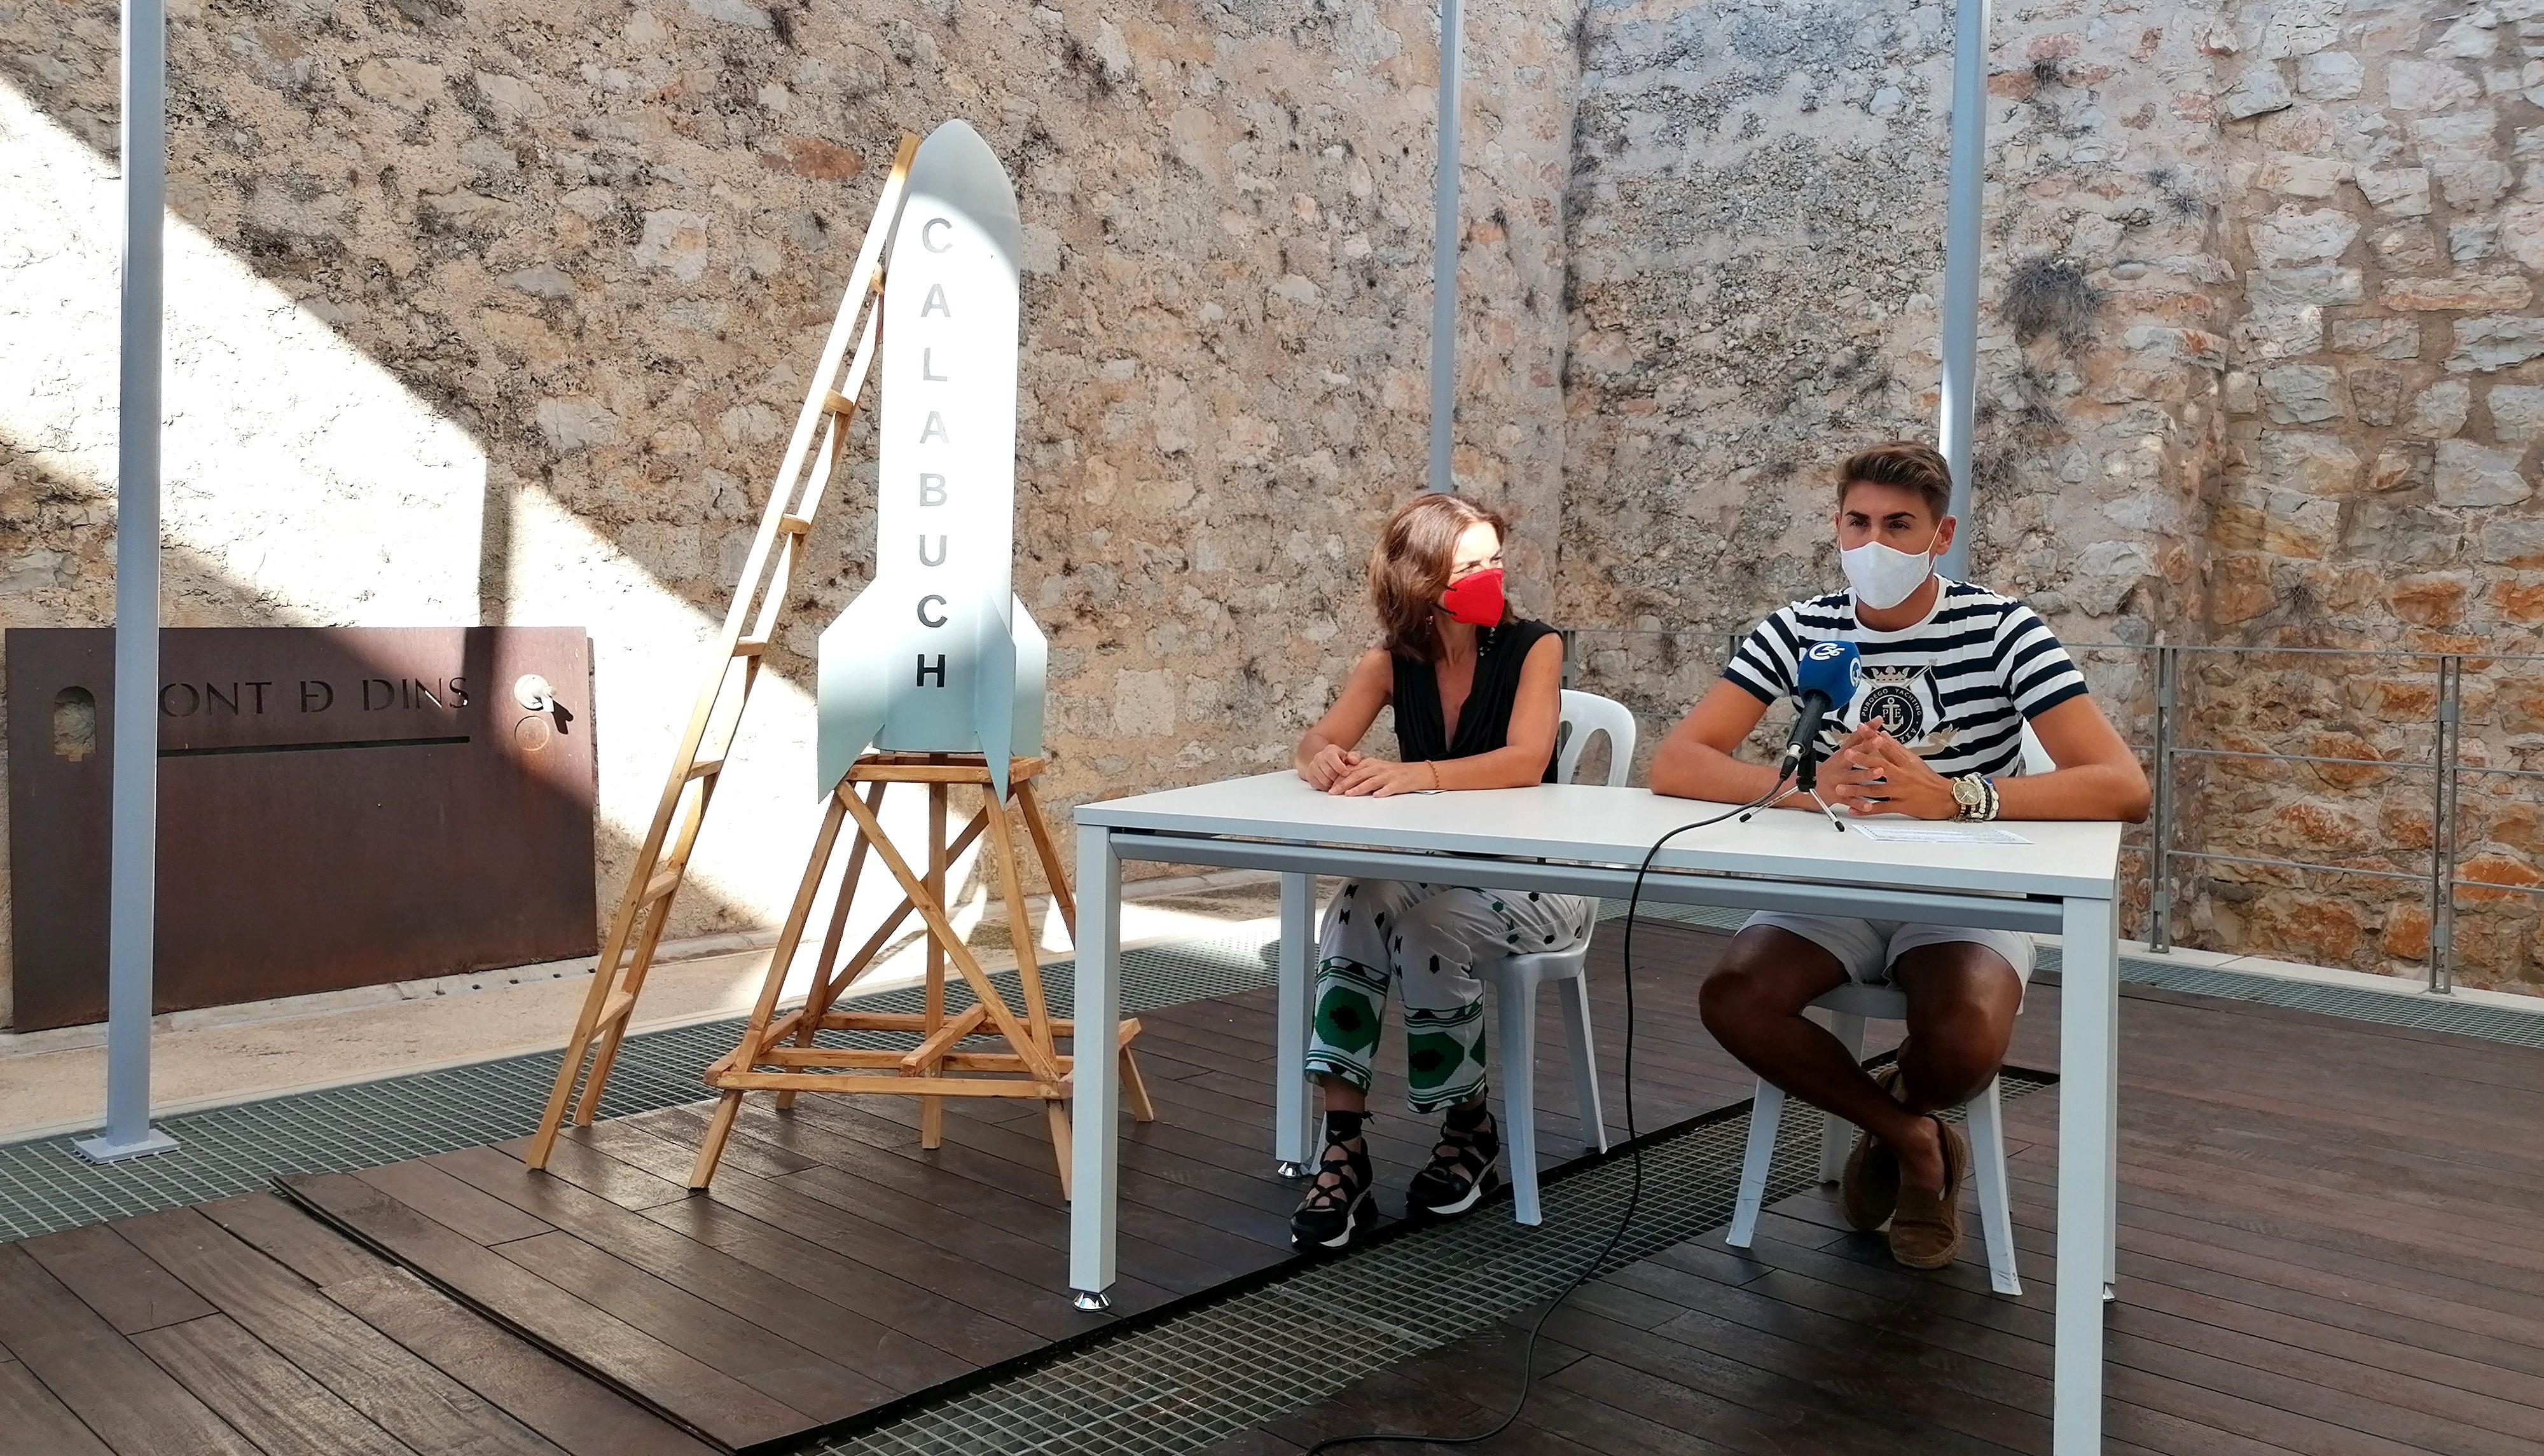 Peníscola prepara 'el seu particular' homenatge a Berlanga amb més de 20 activitats per al pont d'octubre